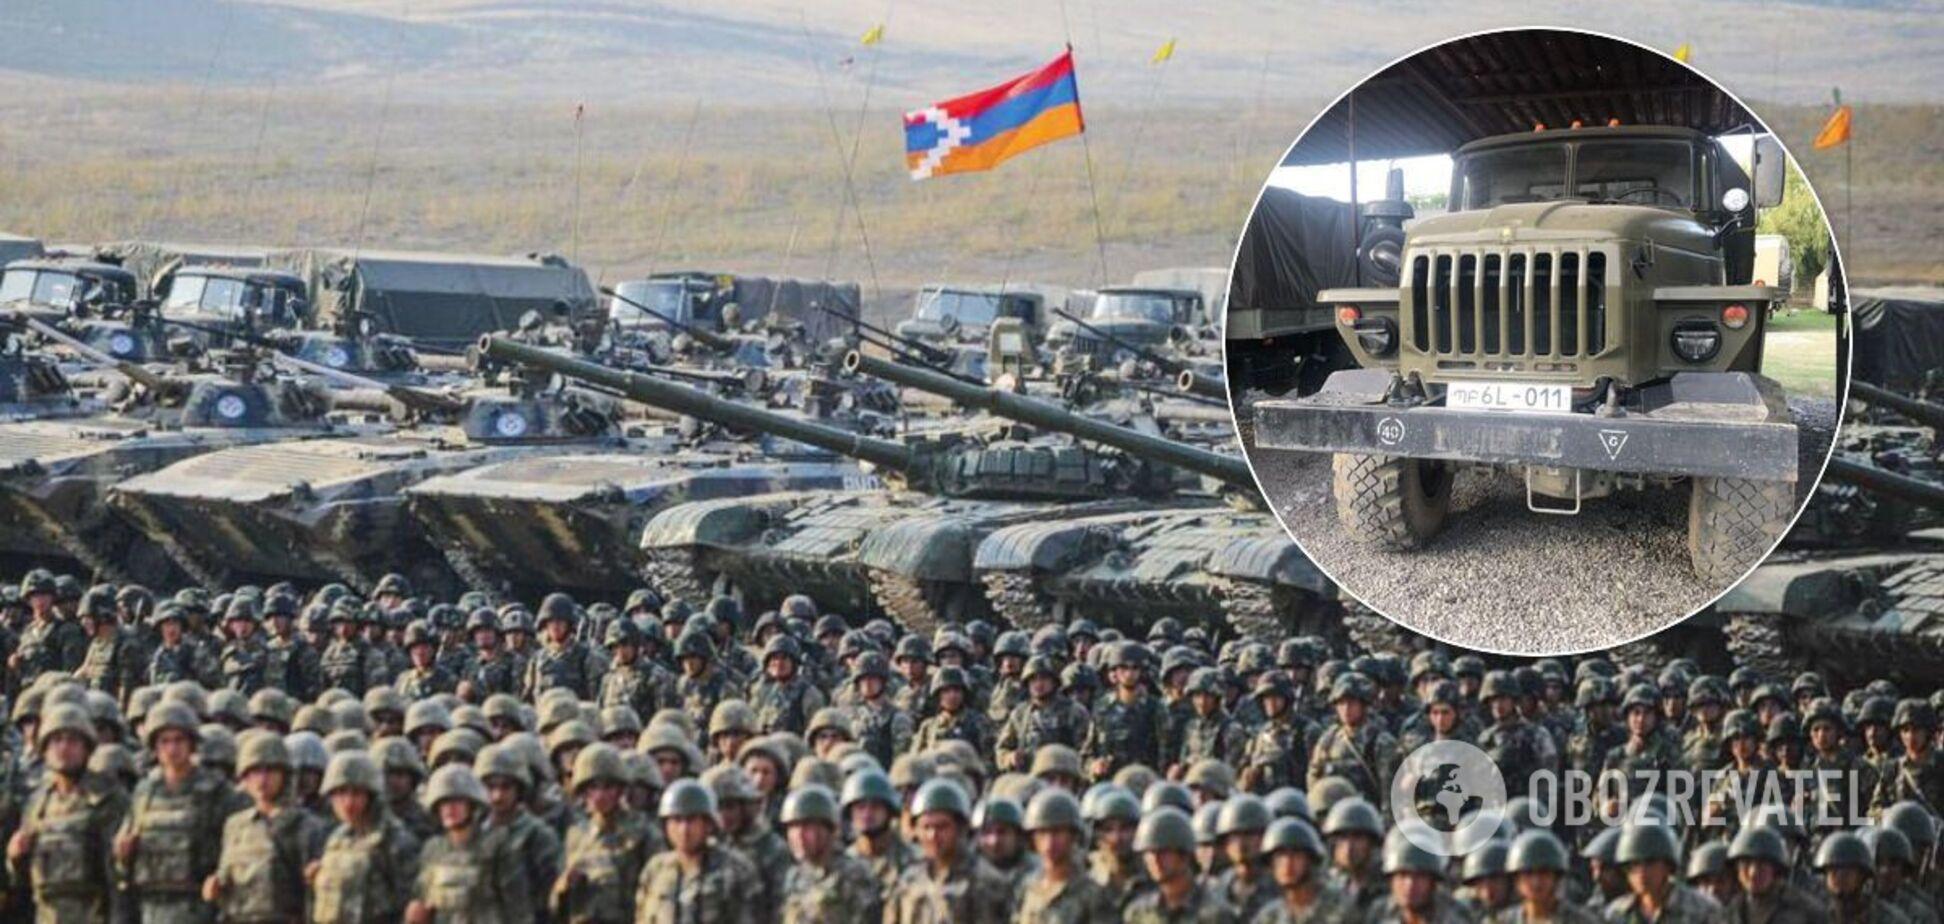 В непризнанном Нагорном Карабахе использовали военную технику из РФ